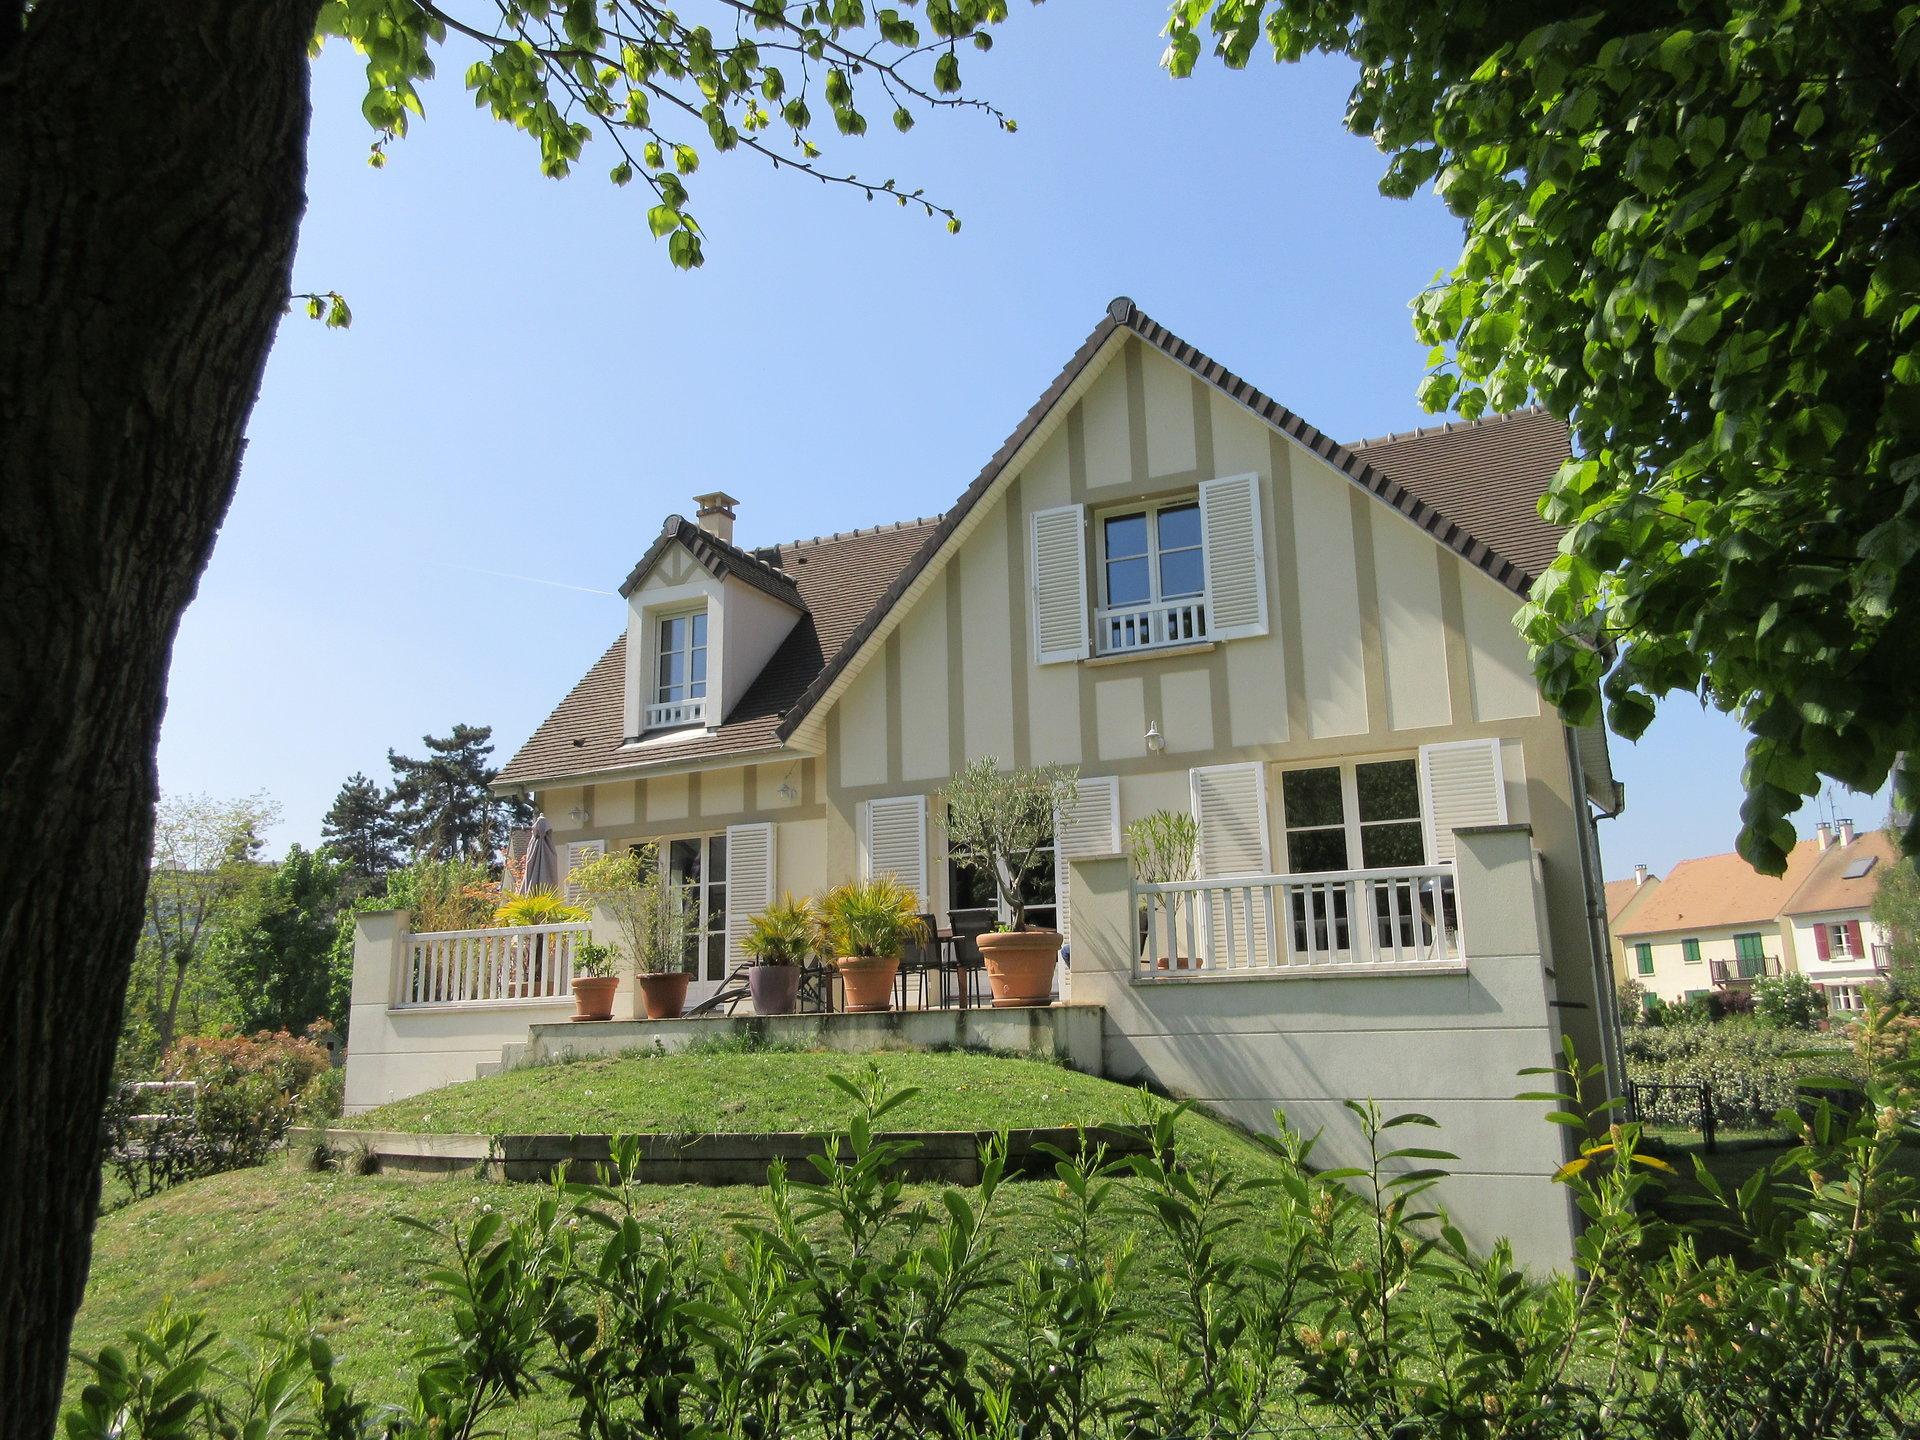 Proche Bords de seine, maison récente avec terrasse et jardin au calme.